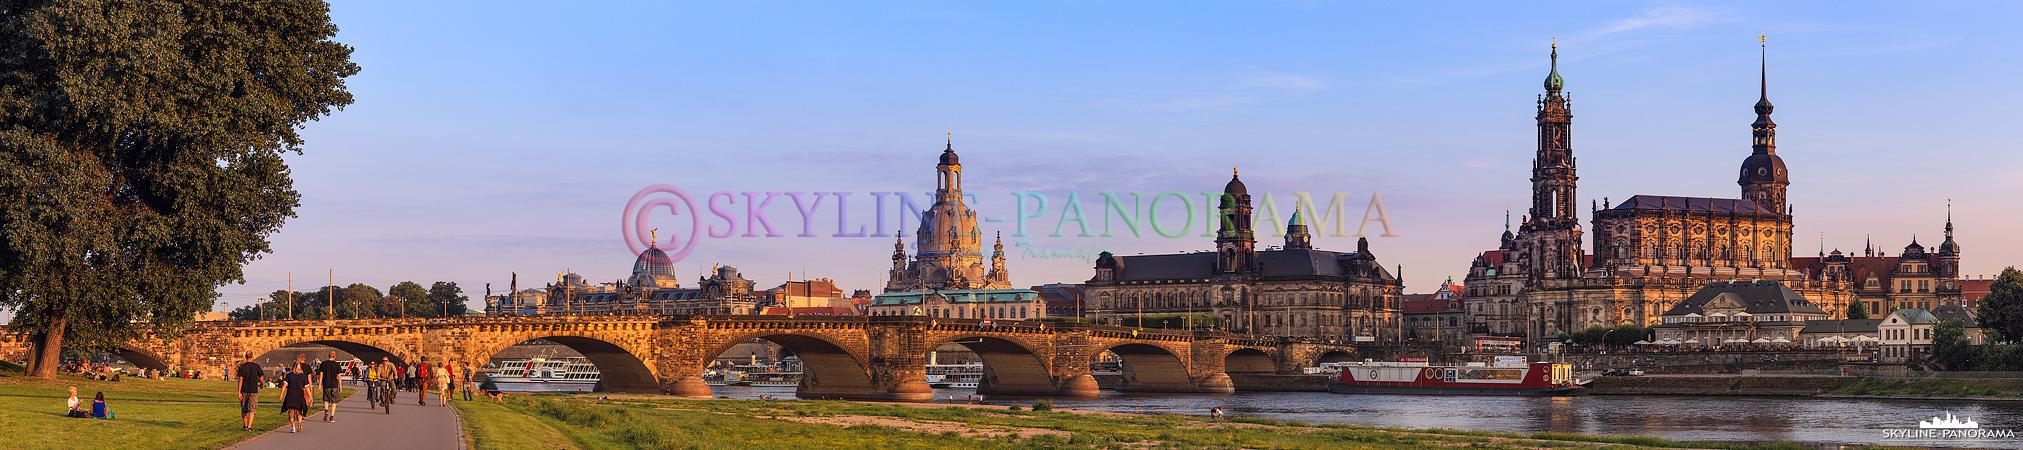 Der Canalettoblick auf das Altstadtpanorama von Dresden mit der Frauenkirche und der Hofkirche im Abendlicht.